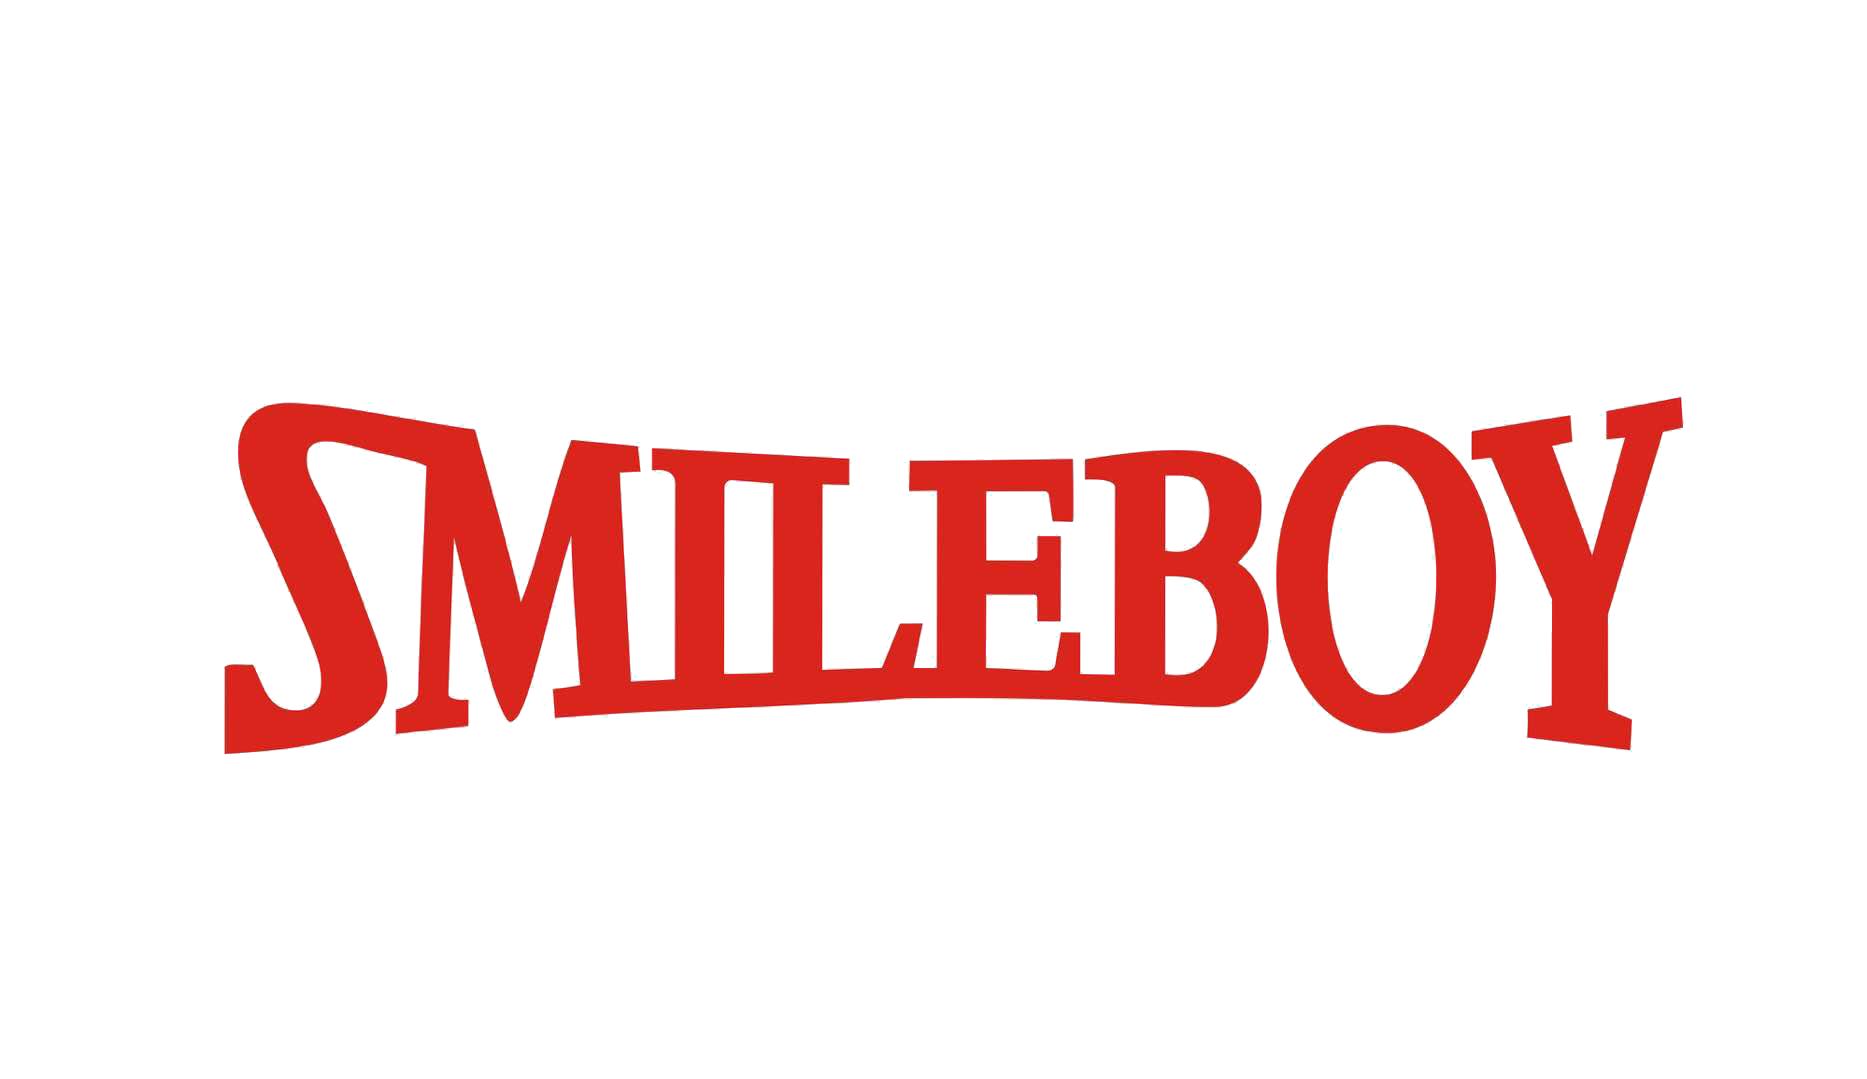 xmsmileboybasketball